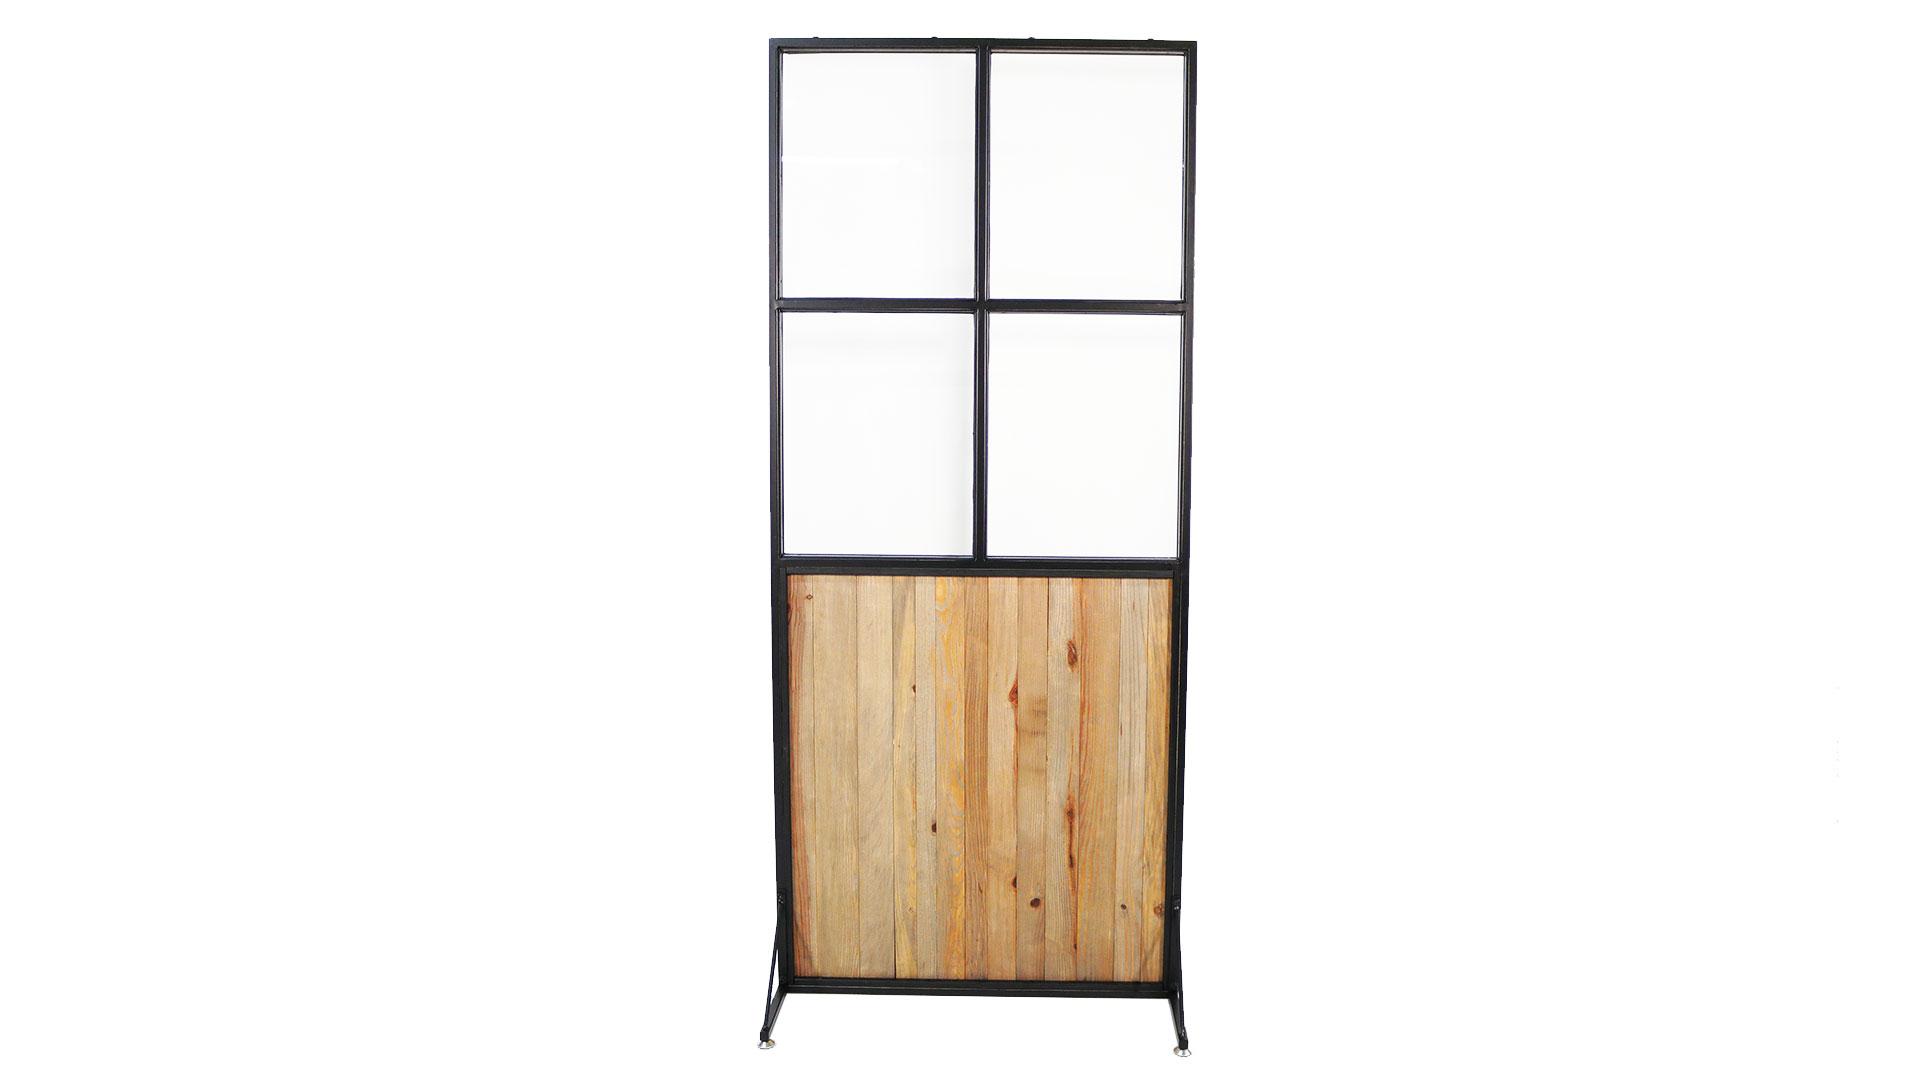 業務用・店舗用のおしゃれな黒色のスクリーン